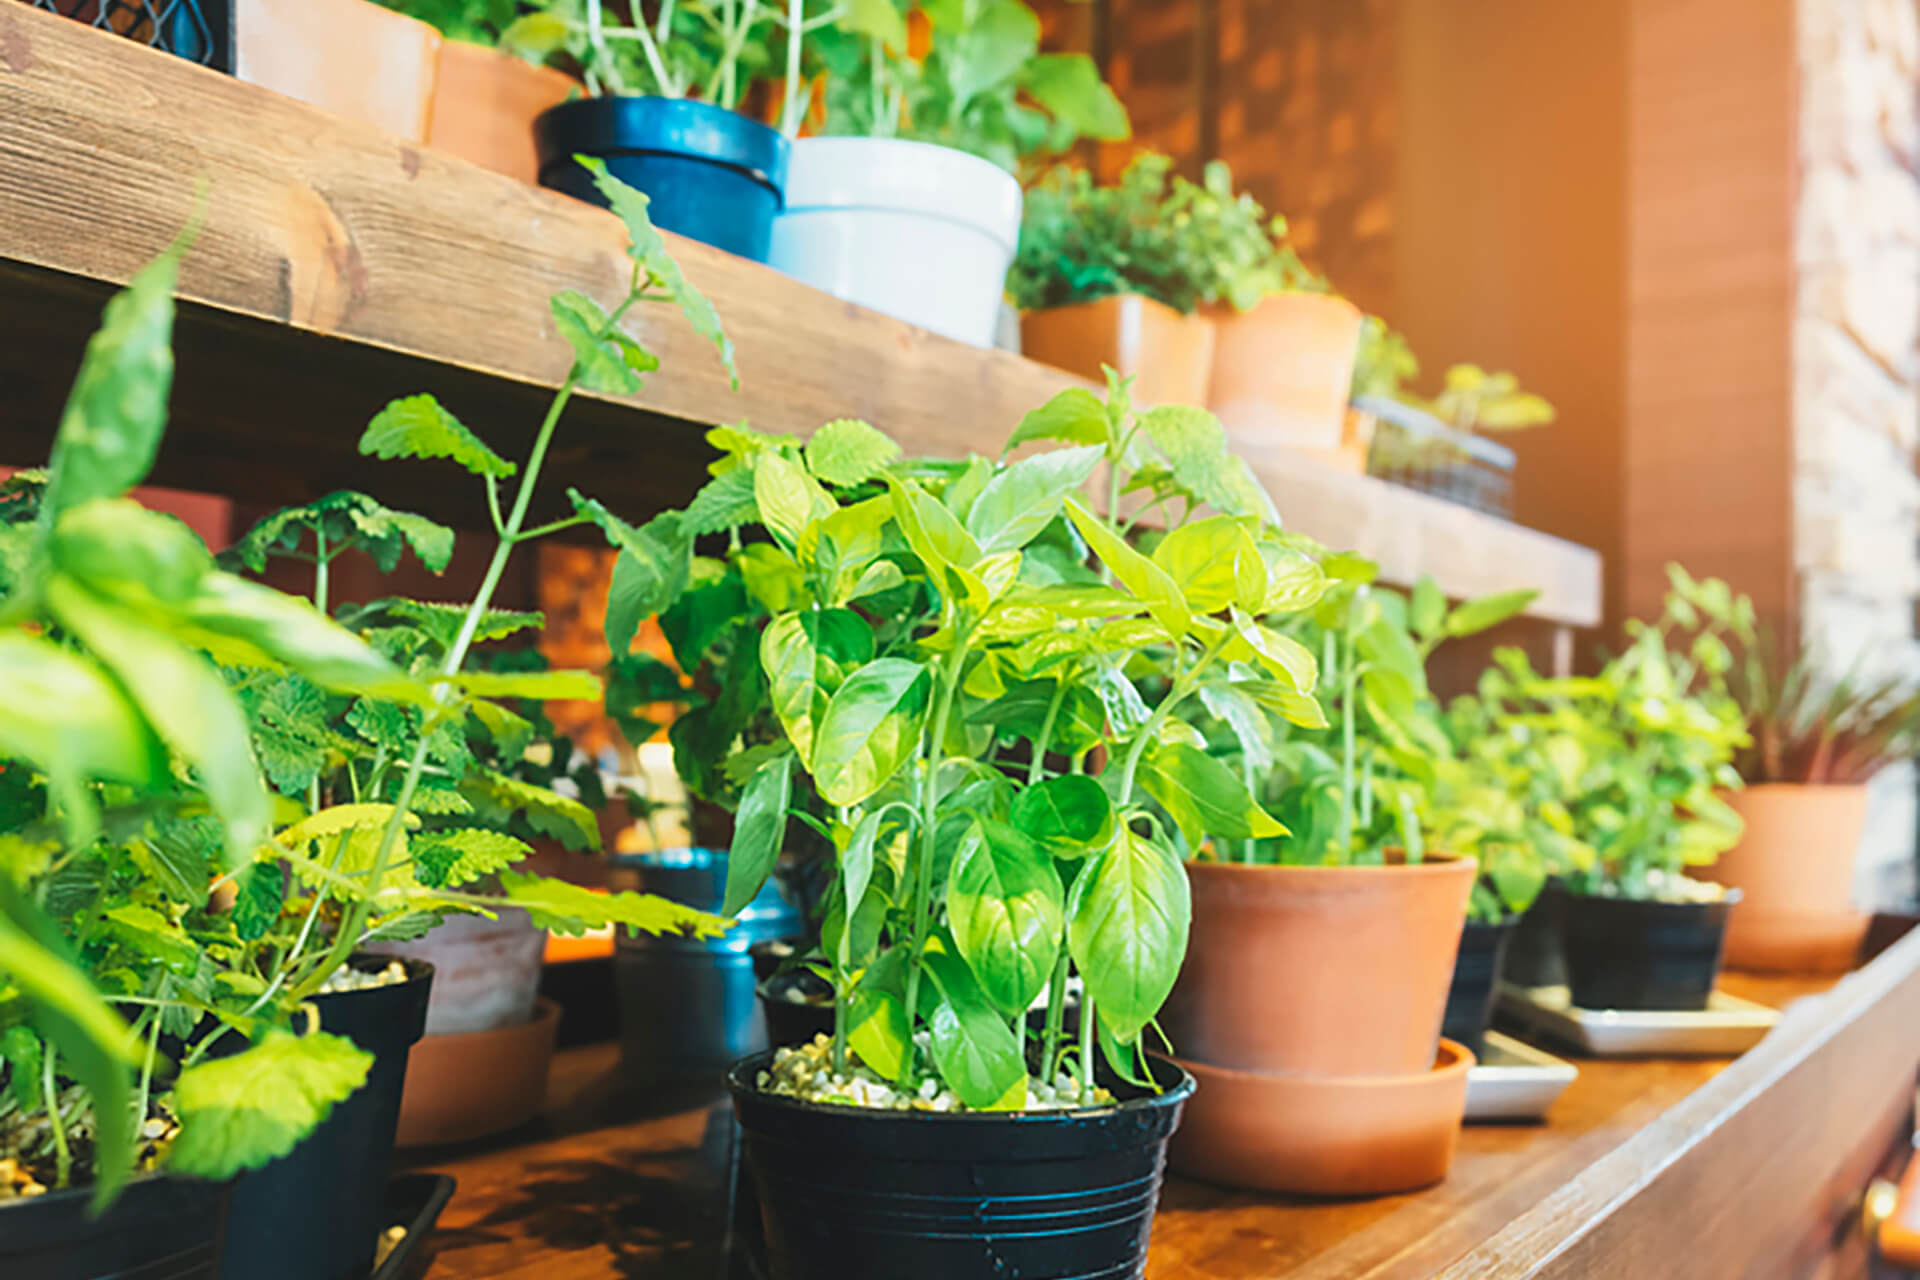 Cresce a tendência de jardinagem urbana. Saiba como empresas inovam